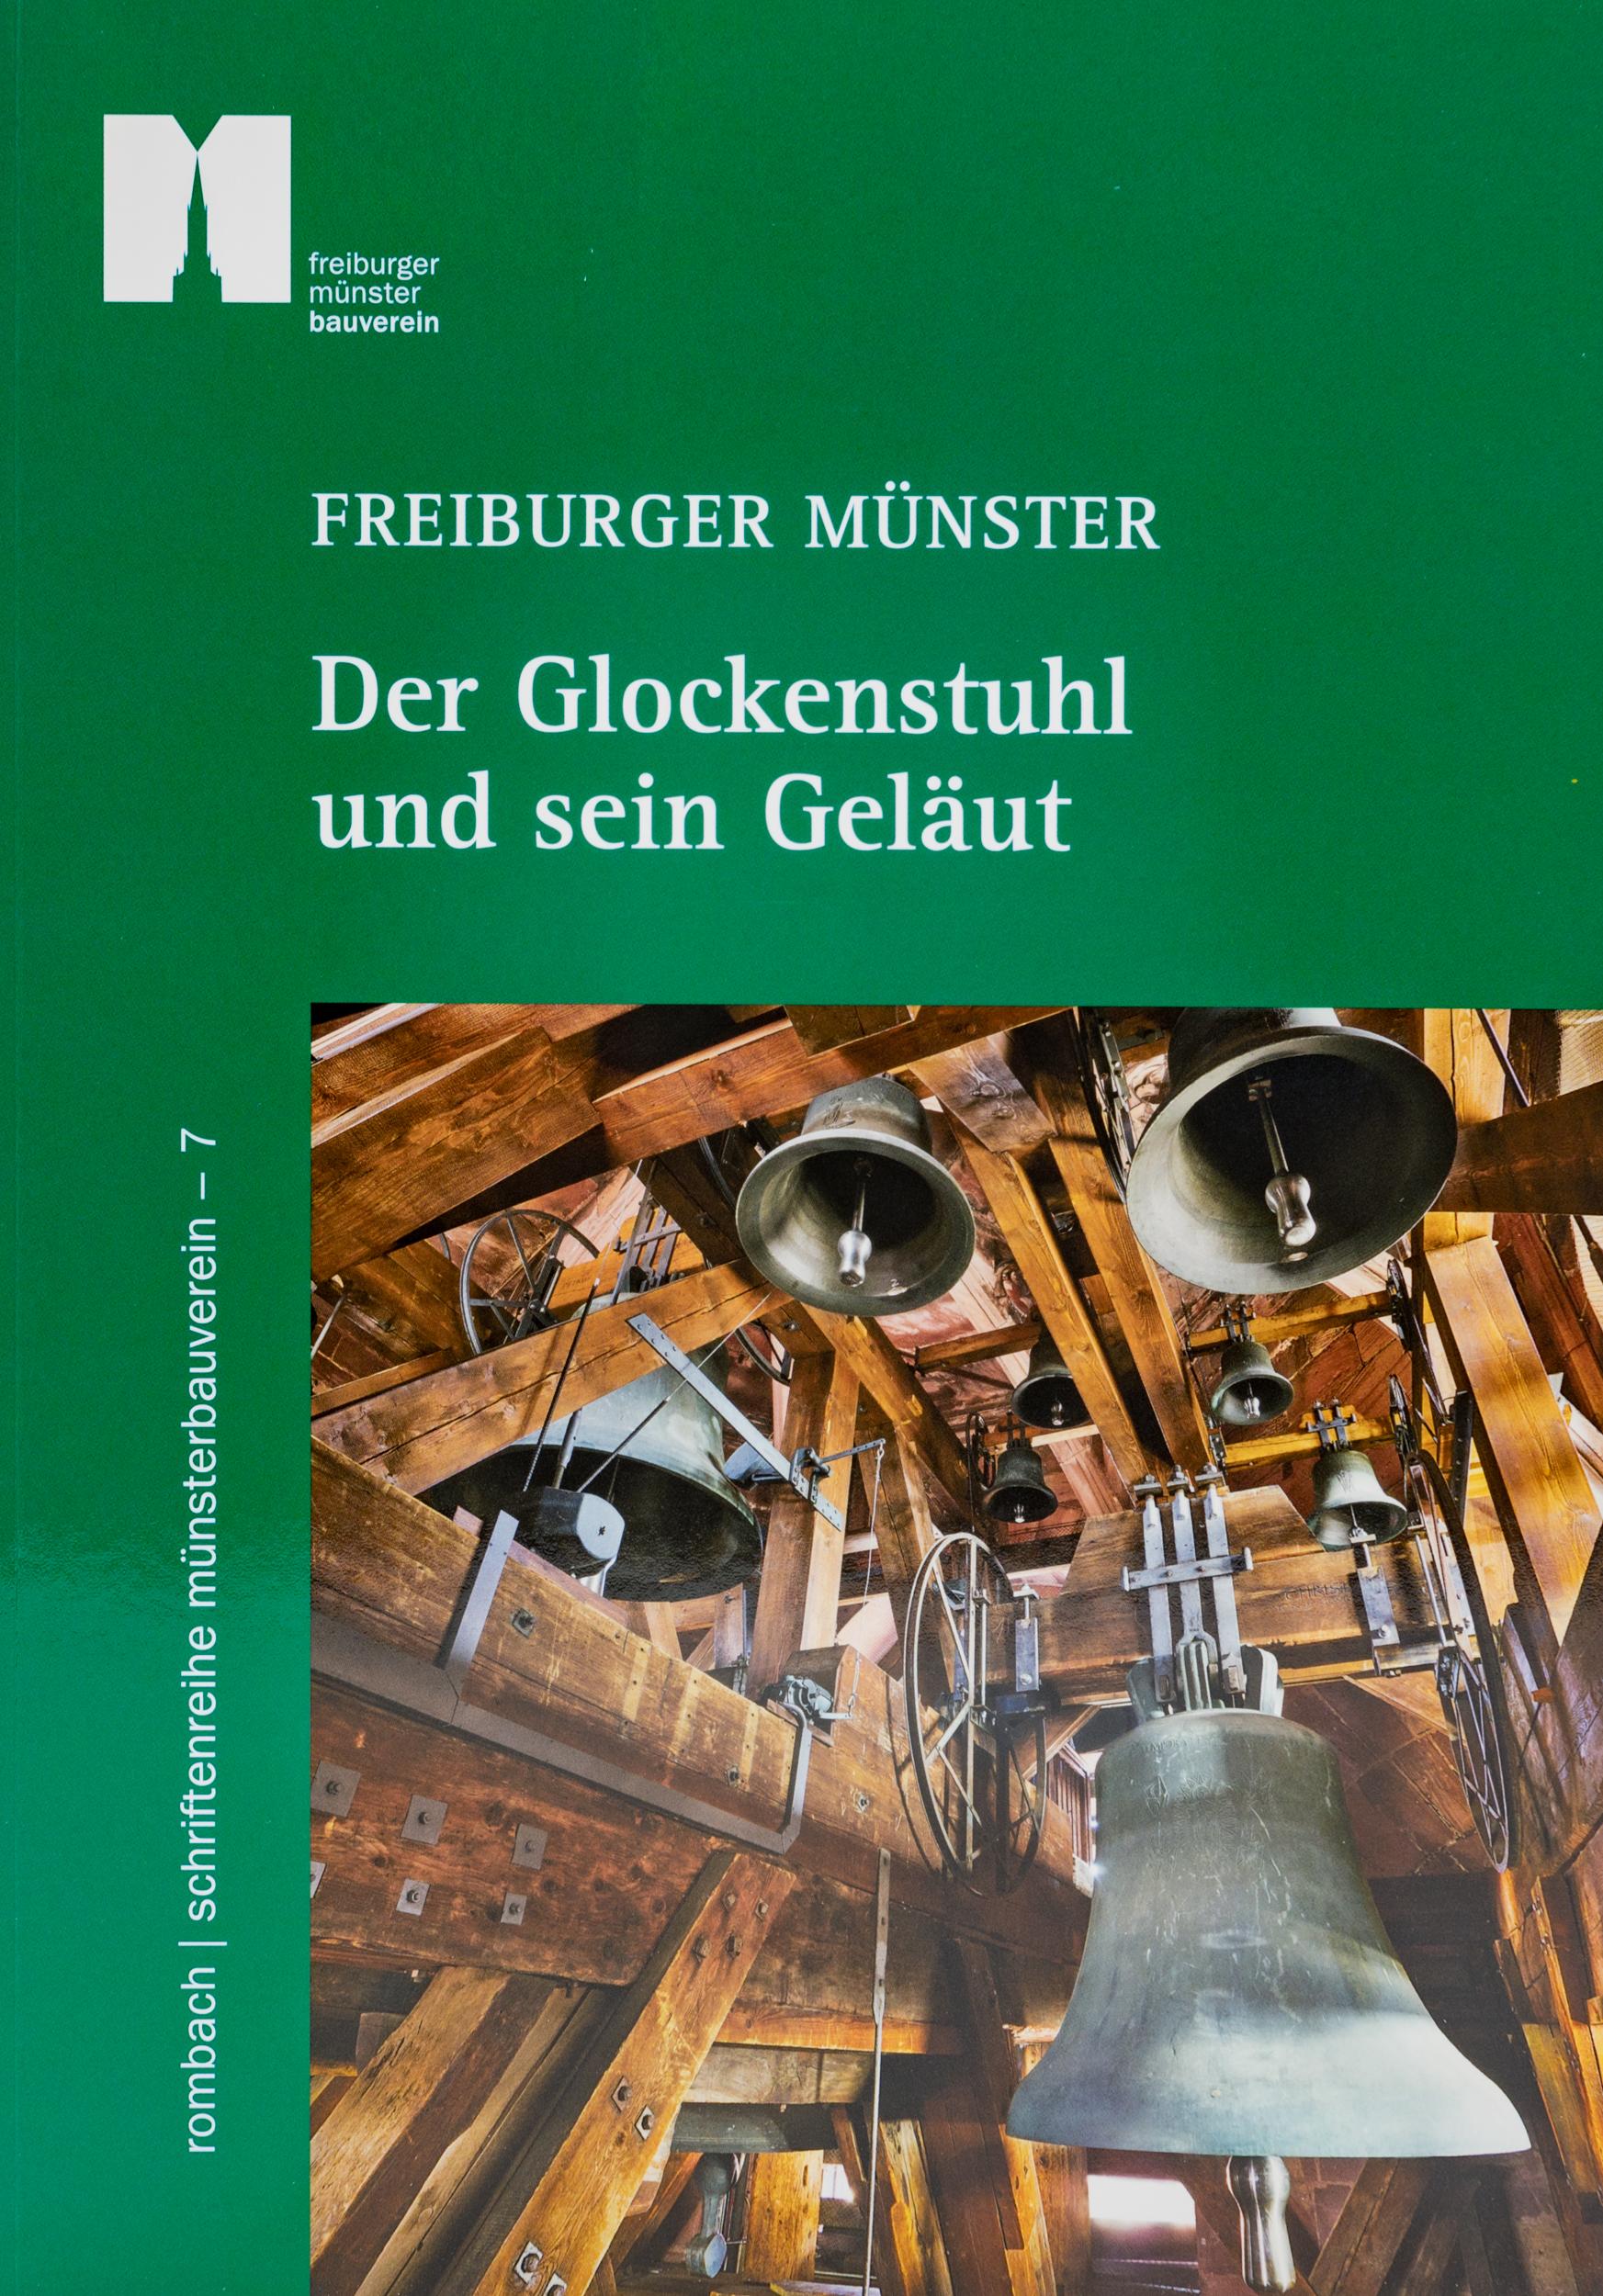 Münsterladen Freiburg Buch Geschenk Der Glockenturm und sein Geläut